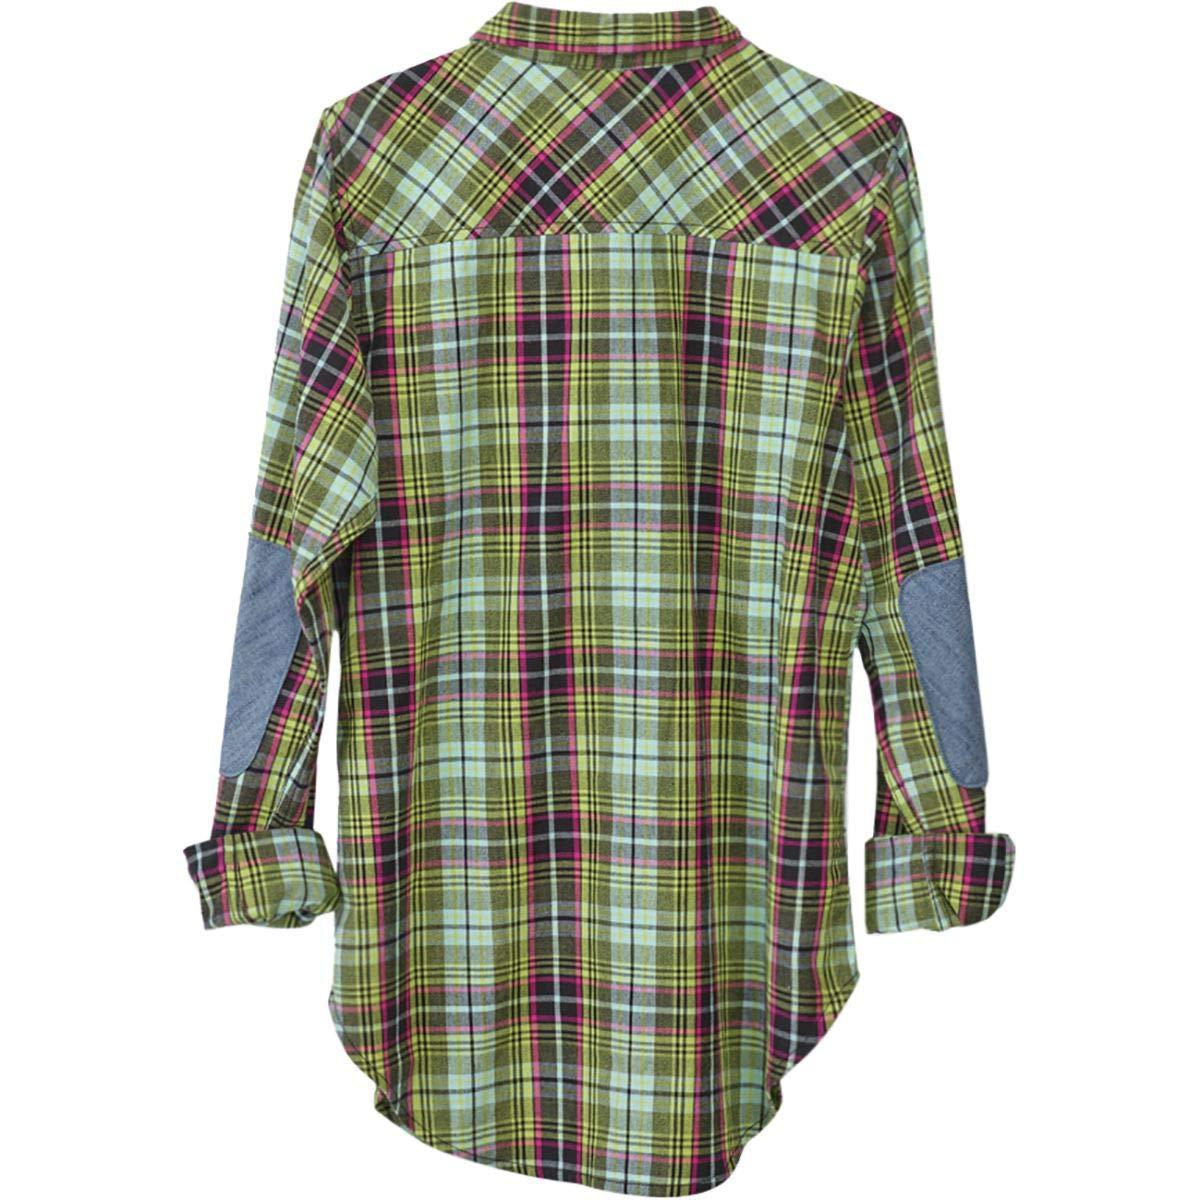 KAVU Women Shirt Billie Jean KAVU-Outdoors 2000-804-00